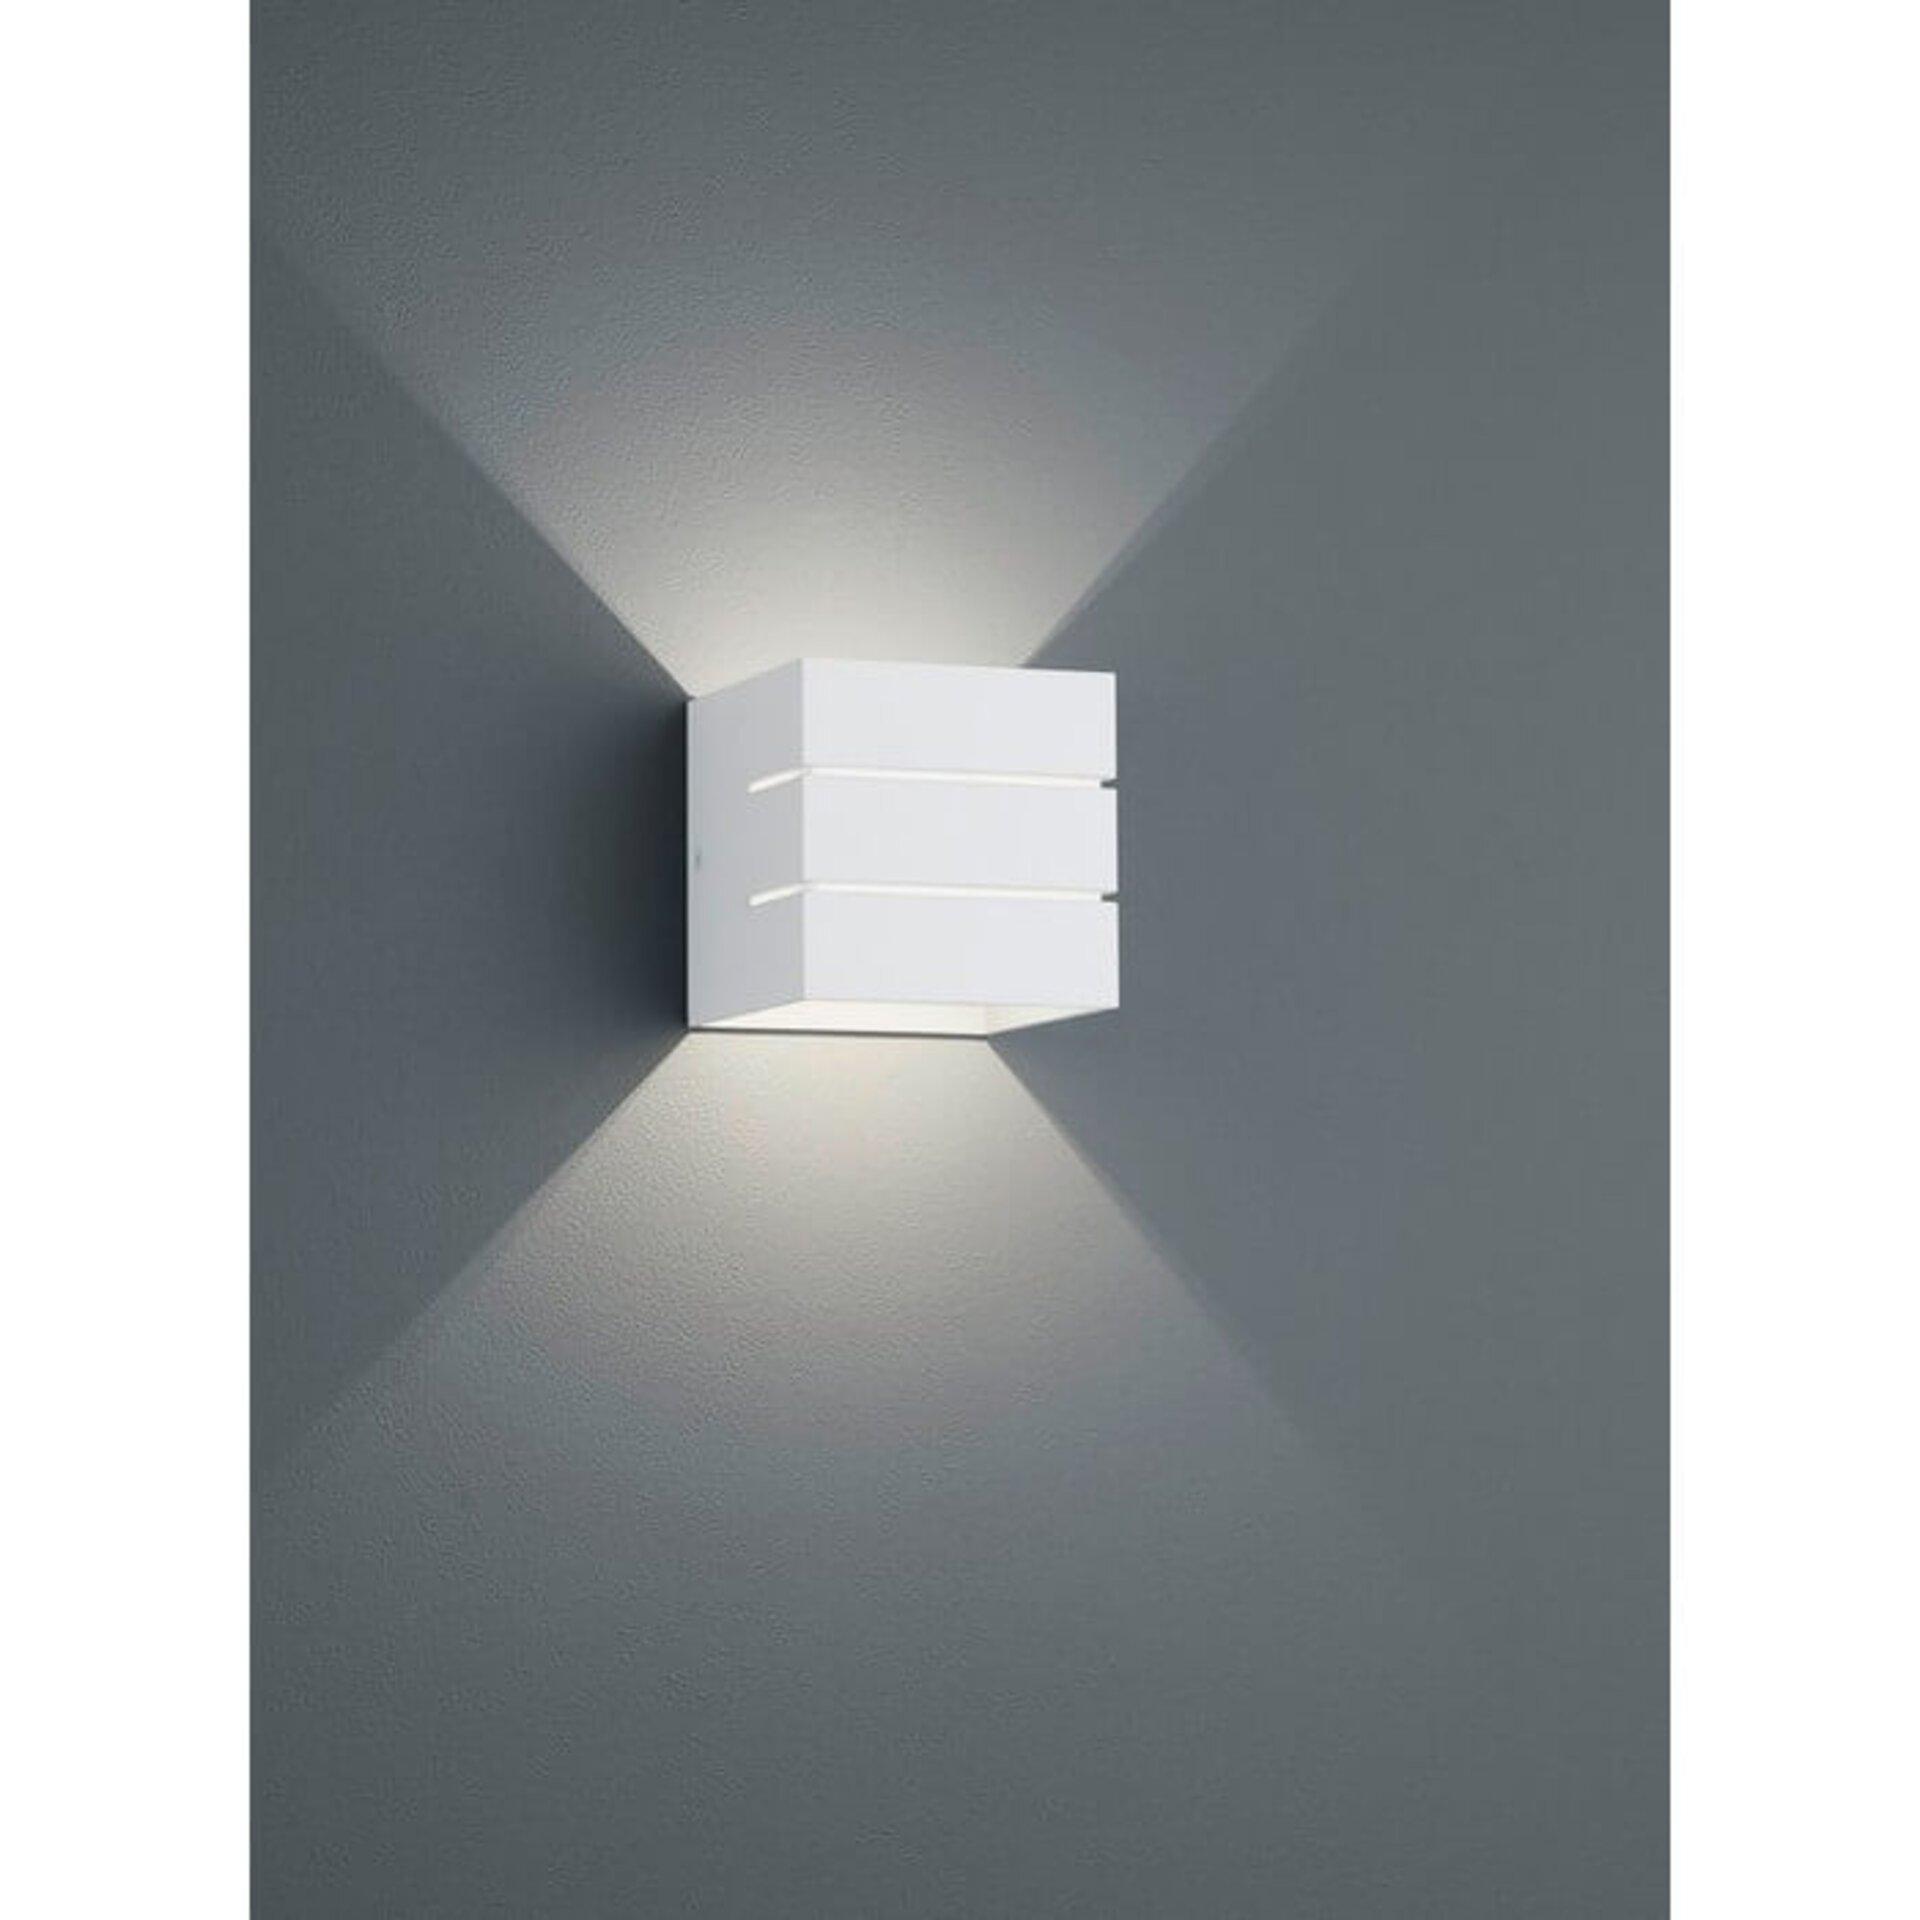 LED-Wandleuchte, Alu, weiß